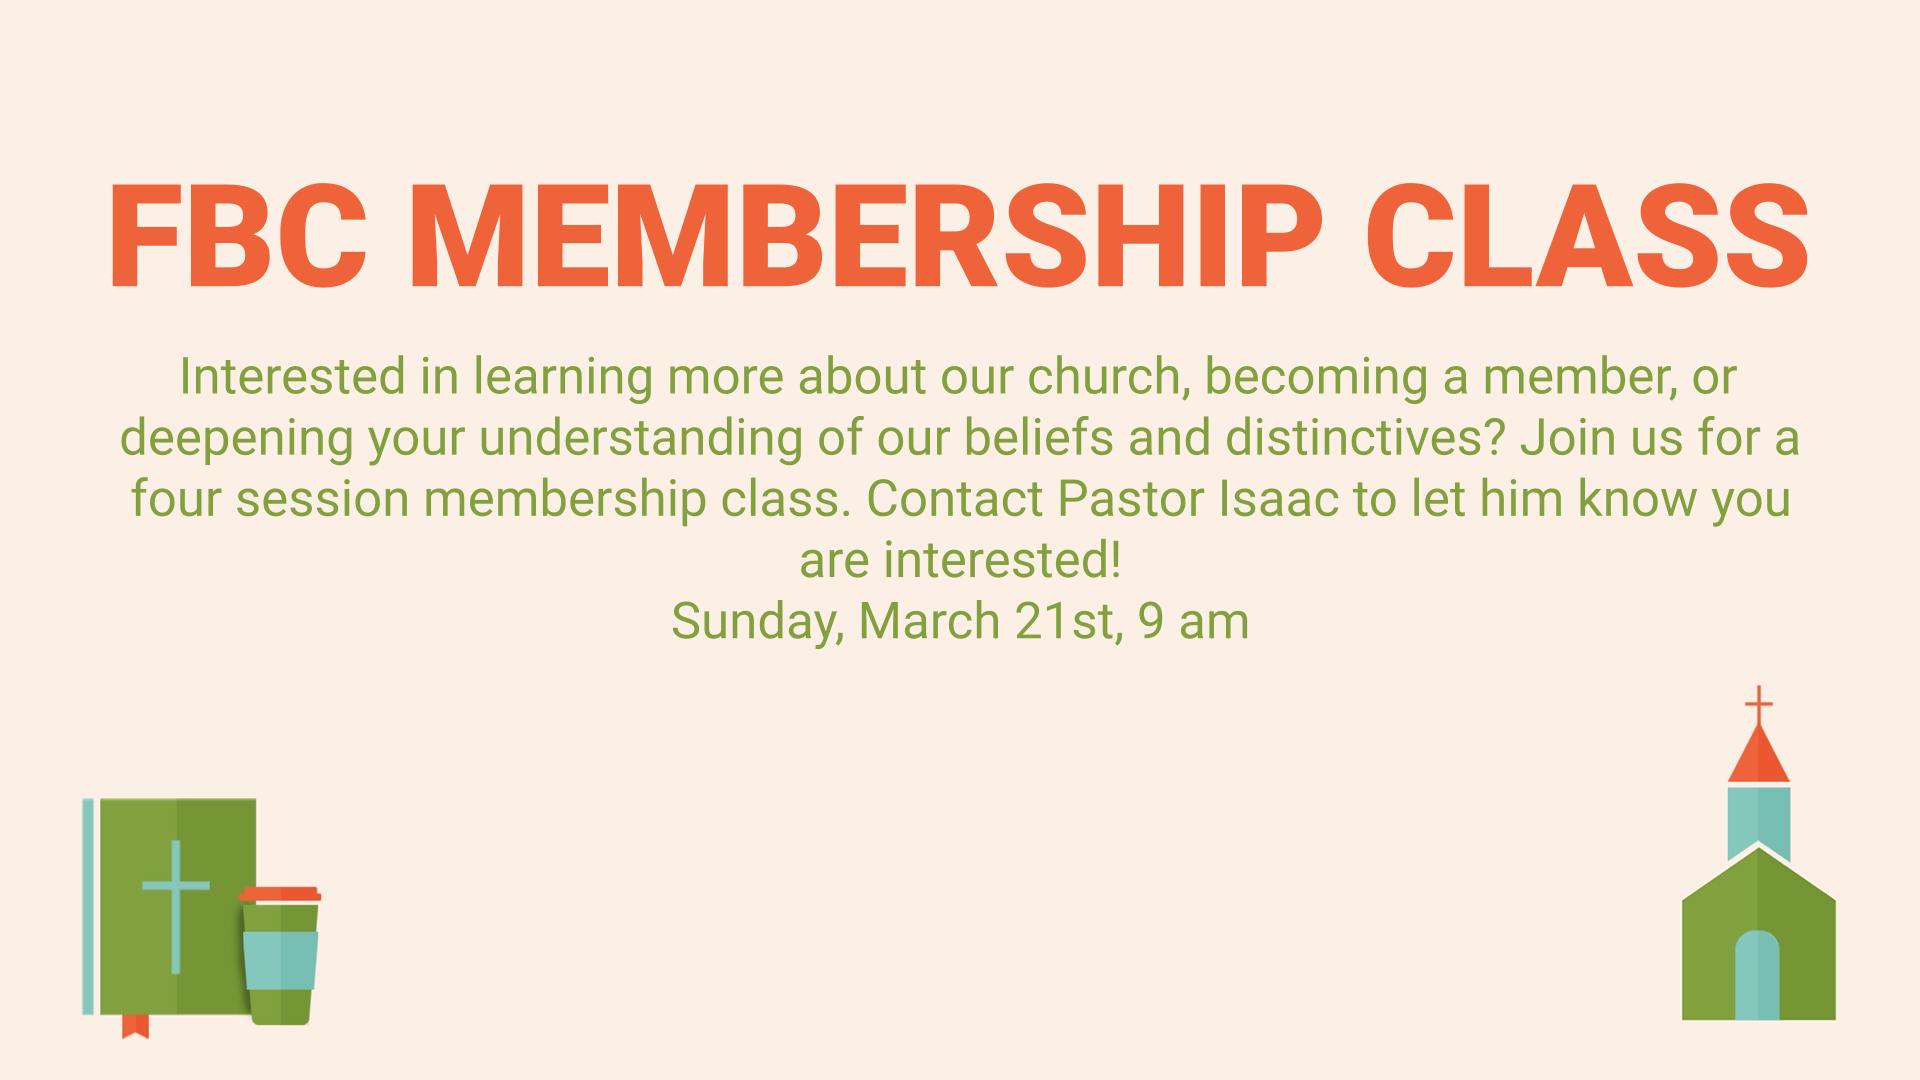 FBC Membership Class